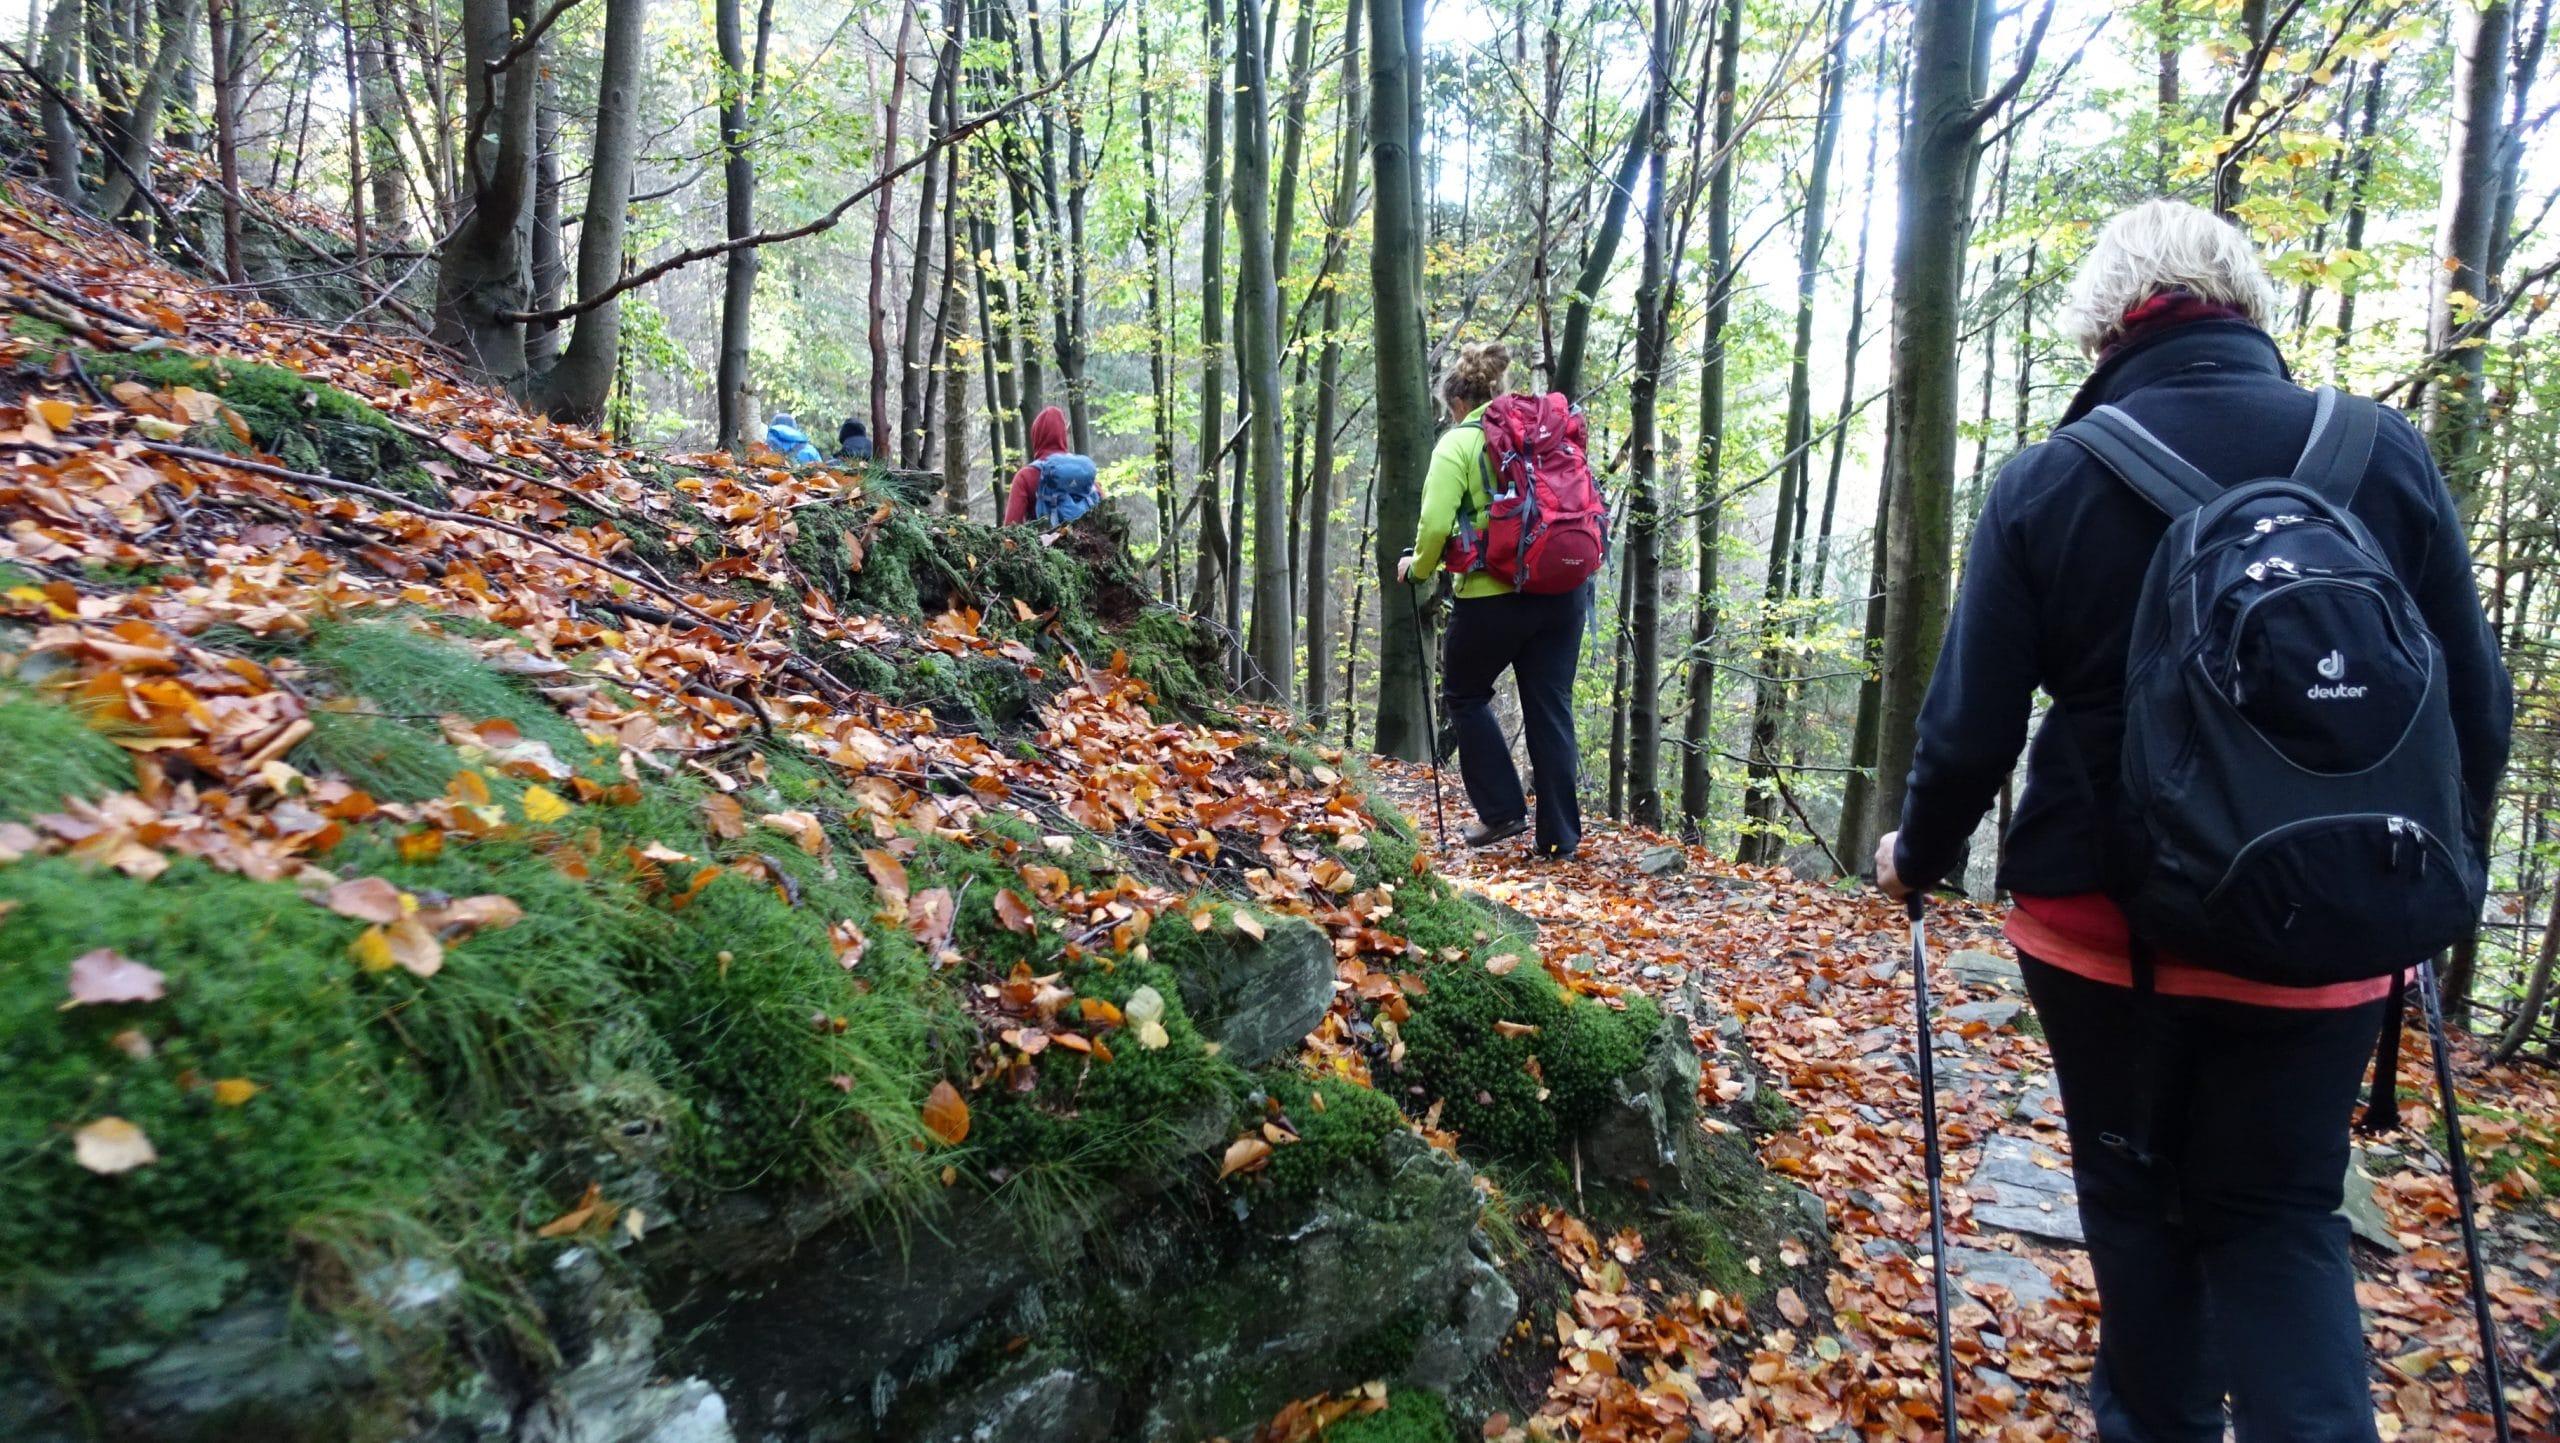 Durch den Wald 2 coaching